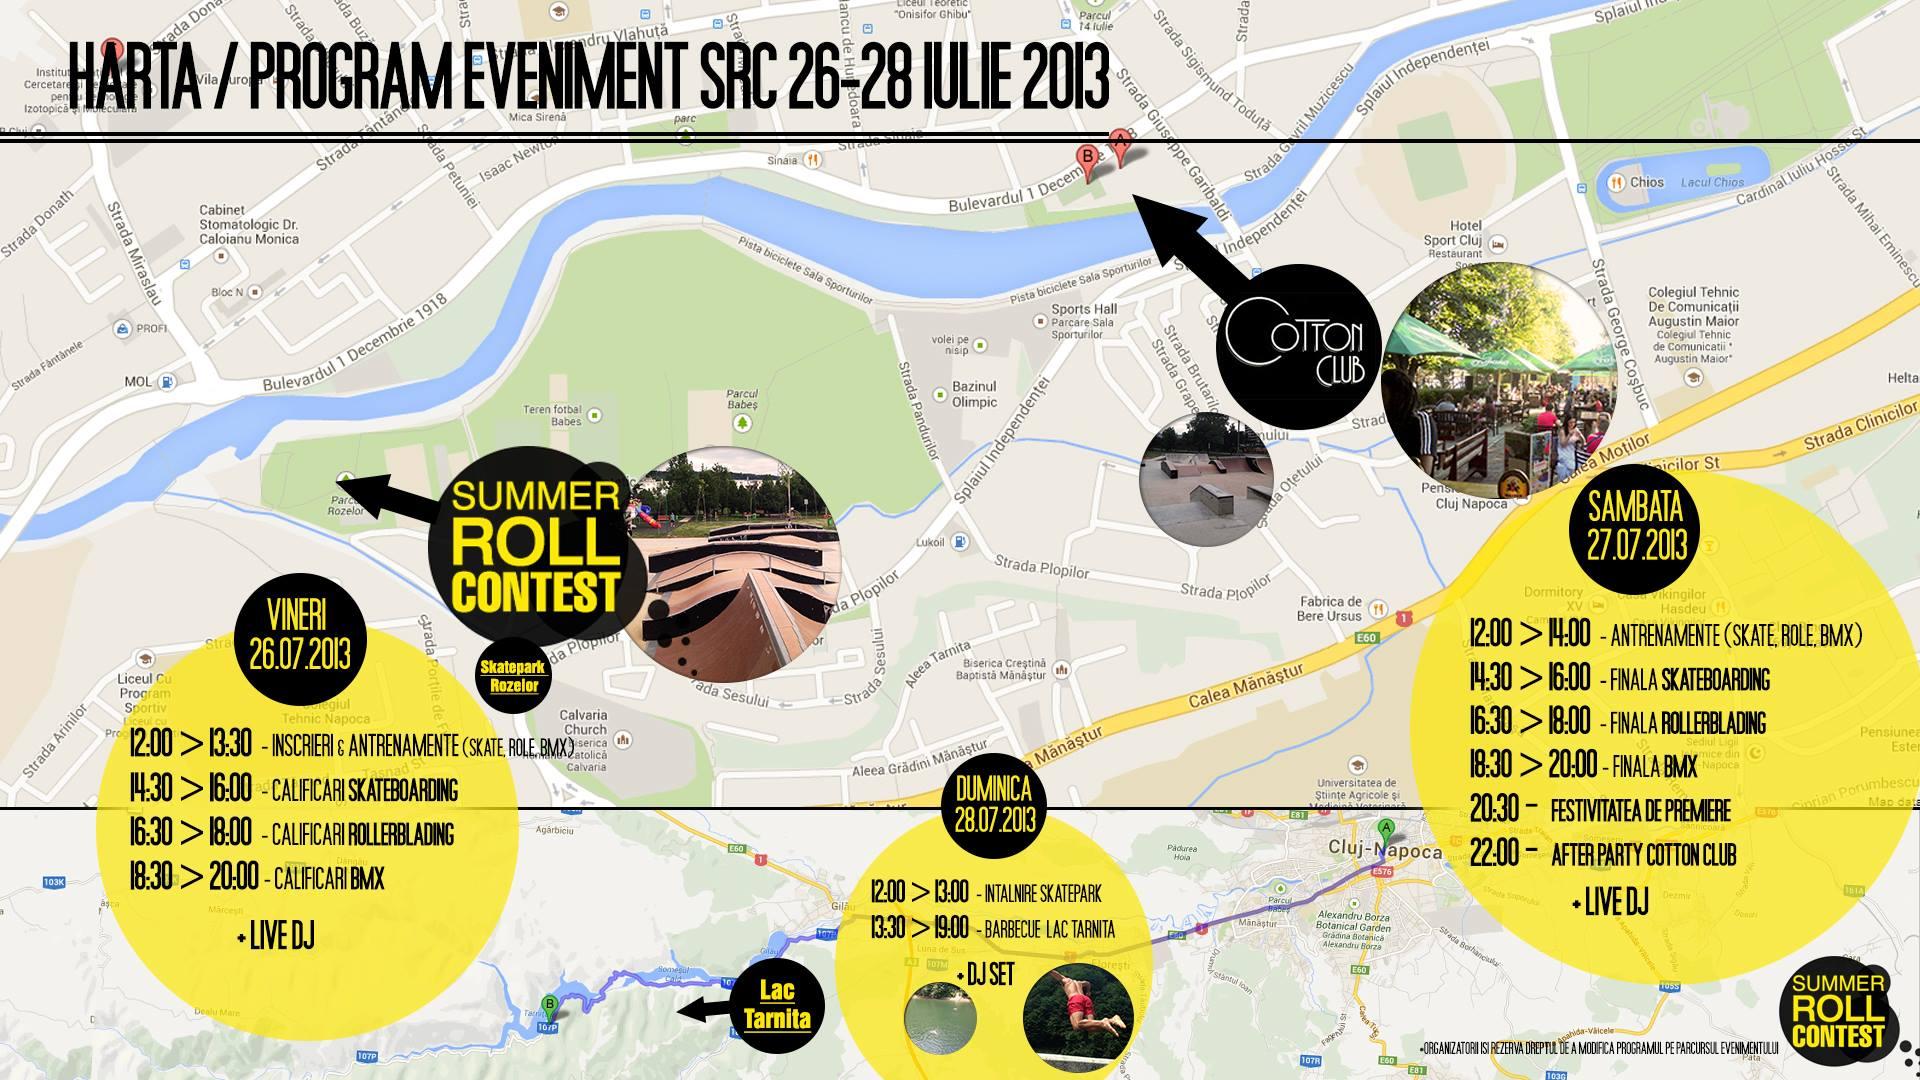 program eveniment src 2013 parcul rozelor